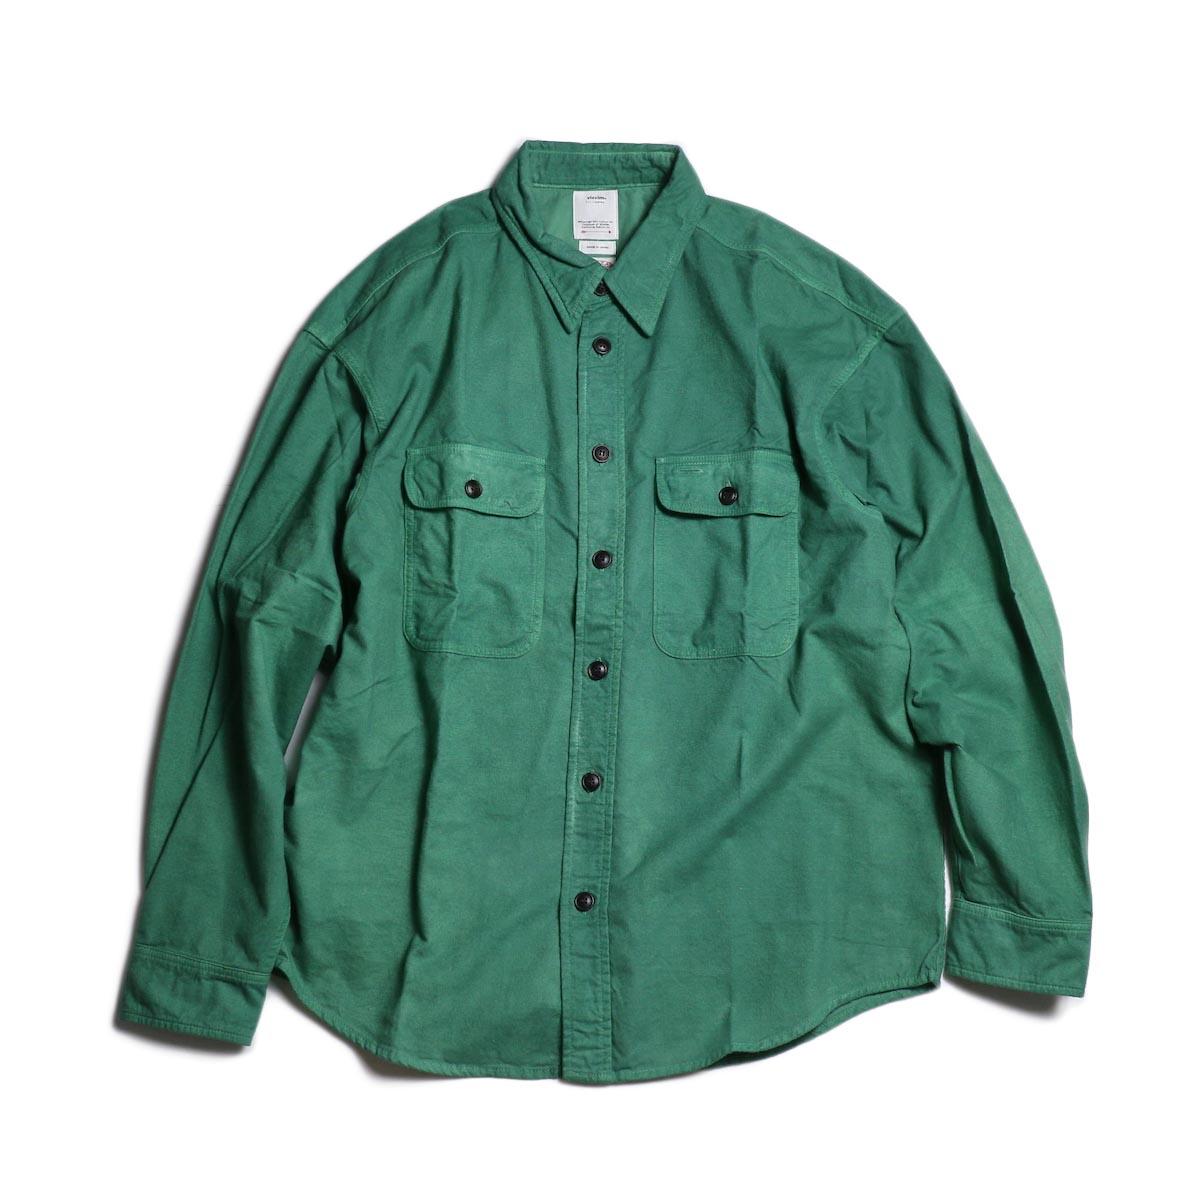 visvim / LUMBER SHIRT L/S (UNEVEN DYE) (Green)